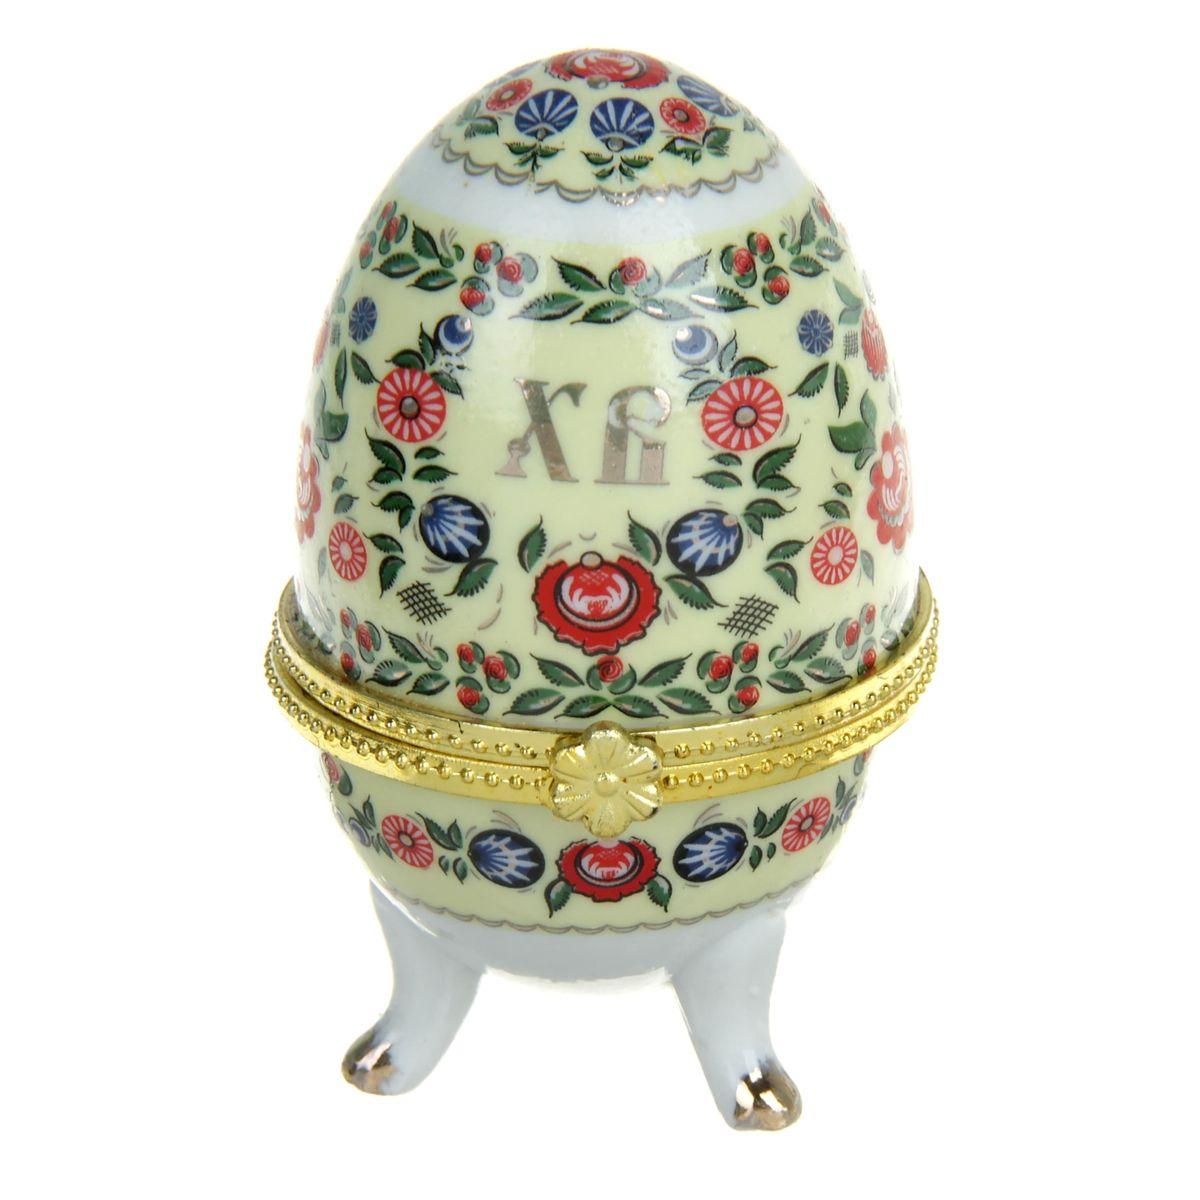 Шкатулка декоративная Sima-land Хохлома. 890087FS-91909Стильная шкатулка Sima-land Хохлома - это не только символичный, но и очень полезный подарок на светлый праздник Пасхи. Она изготовлена из керамики, вся покрыта разноцветной росписью, выполненной в технике деколь с золотистыми вставками. Благодаря уникальному дизайну, пасхальным надписям и заложенному в шкатулку смыслу она приятно удивит ваших близких и друзей. История дарения таких яиц-шкатулок берет свое начало с известнейшего ювелира Карла Фаберже, который начал изготовлять ювелирные яйца с сюрпризом для императорского дома. Обычай преподносить такие подарки близким - это возрождение императорской традиции. Такой подарок воистину является привычным для Пасхи. Шкатулка порадует своим великолепием, функциональными особенностями и оригинальной подарочной упаковкой. Такой царский сувенир приятно дарить и получать!